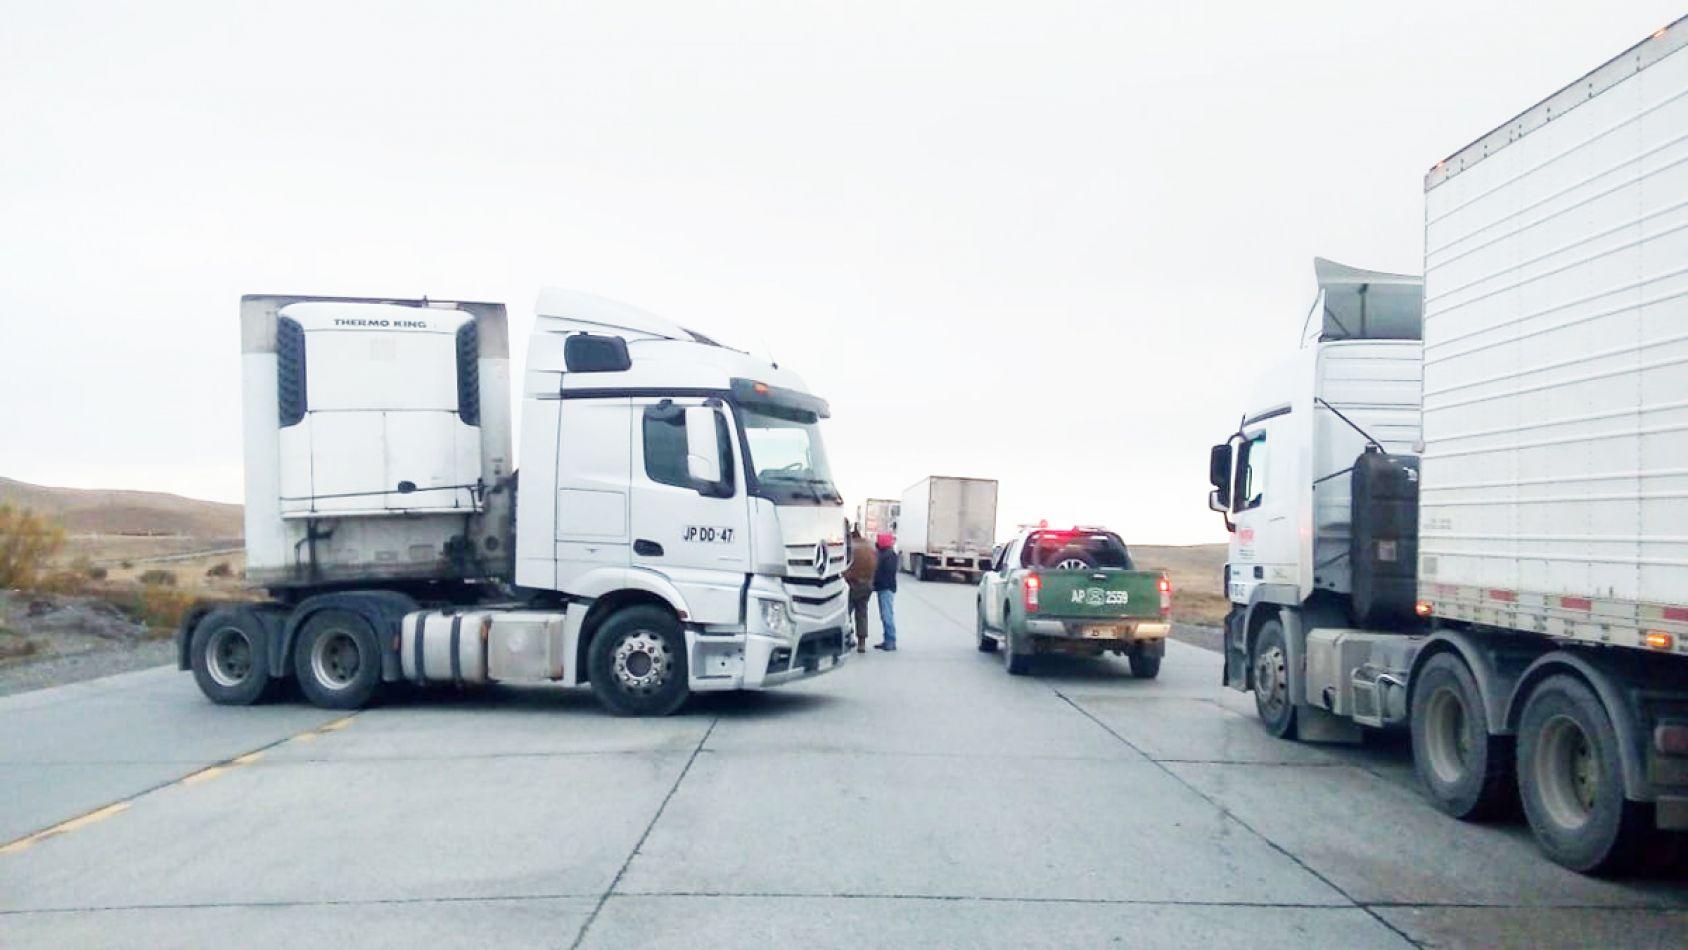 Camioneros chilenos cortaron la ruta 255 en Chile e impiden el tránsito de argentinos